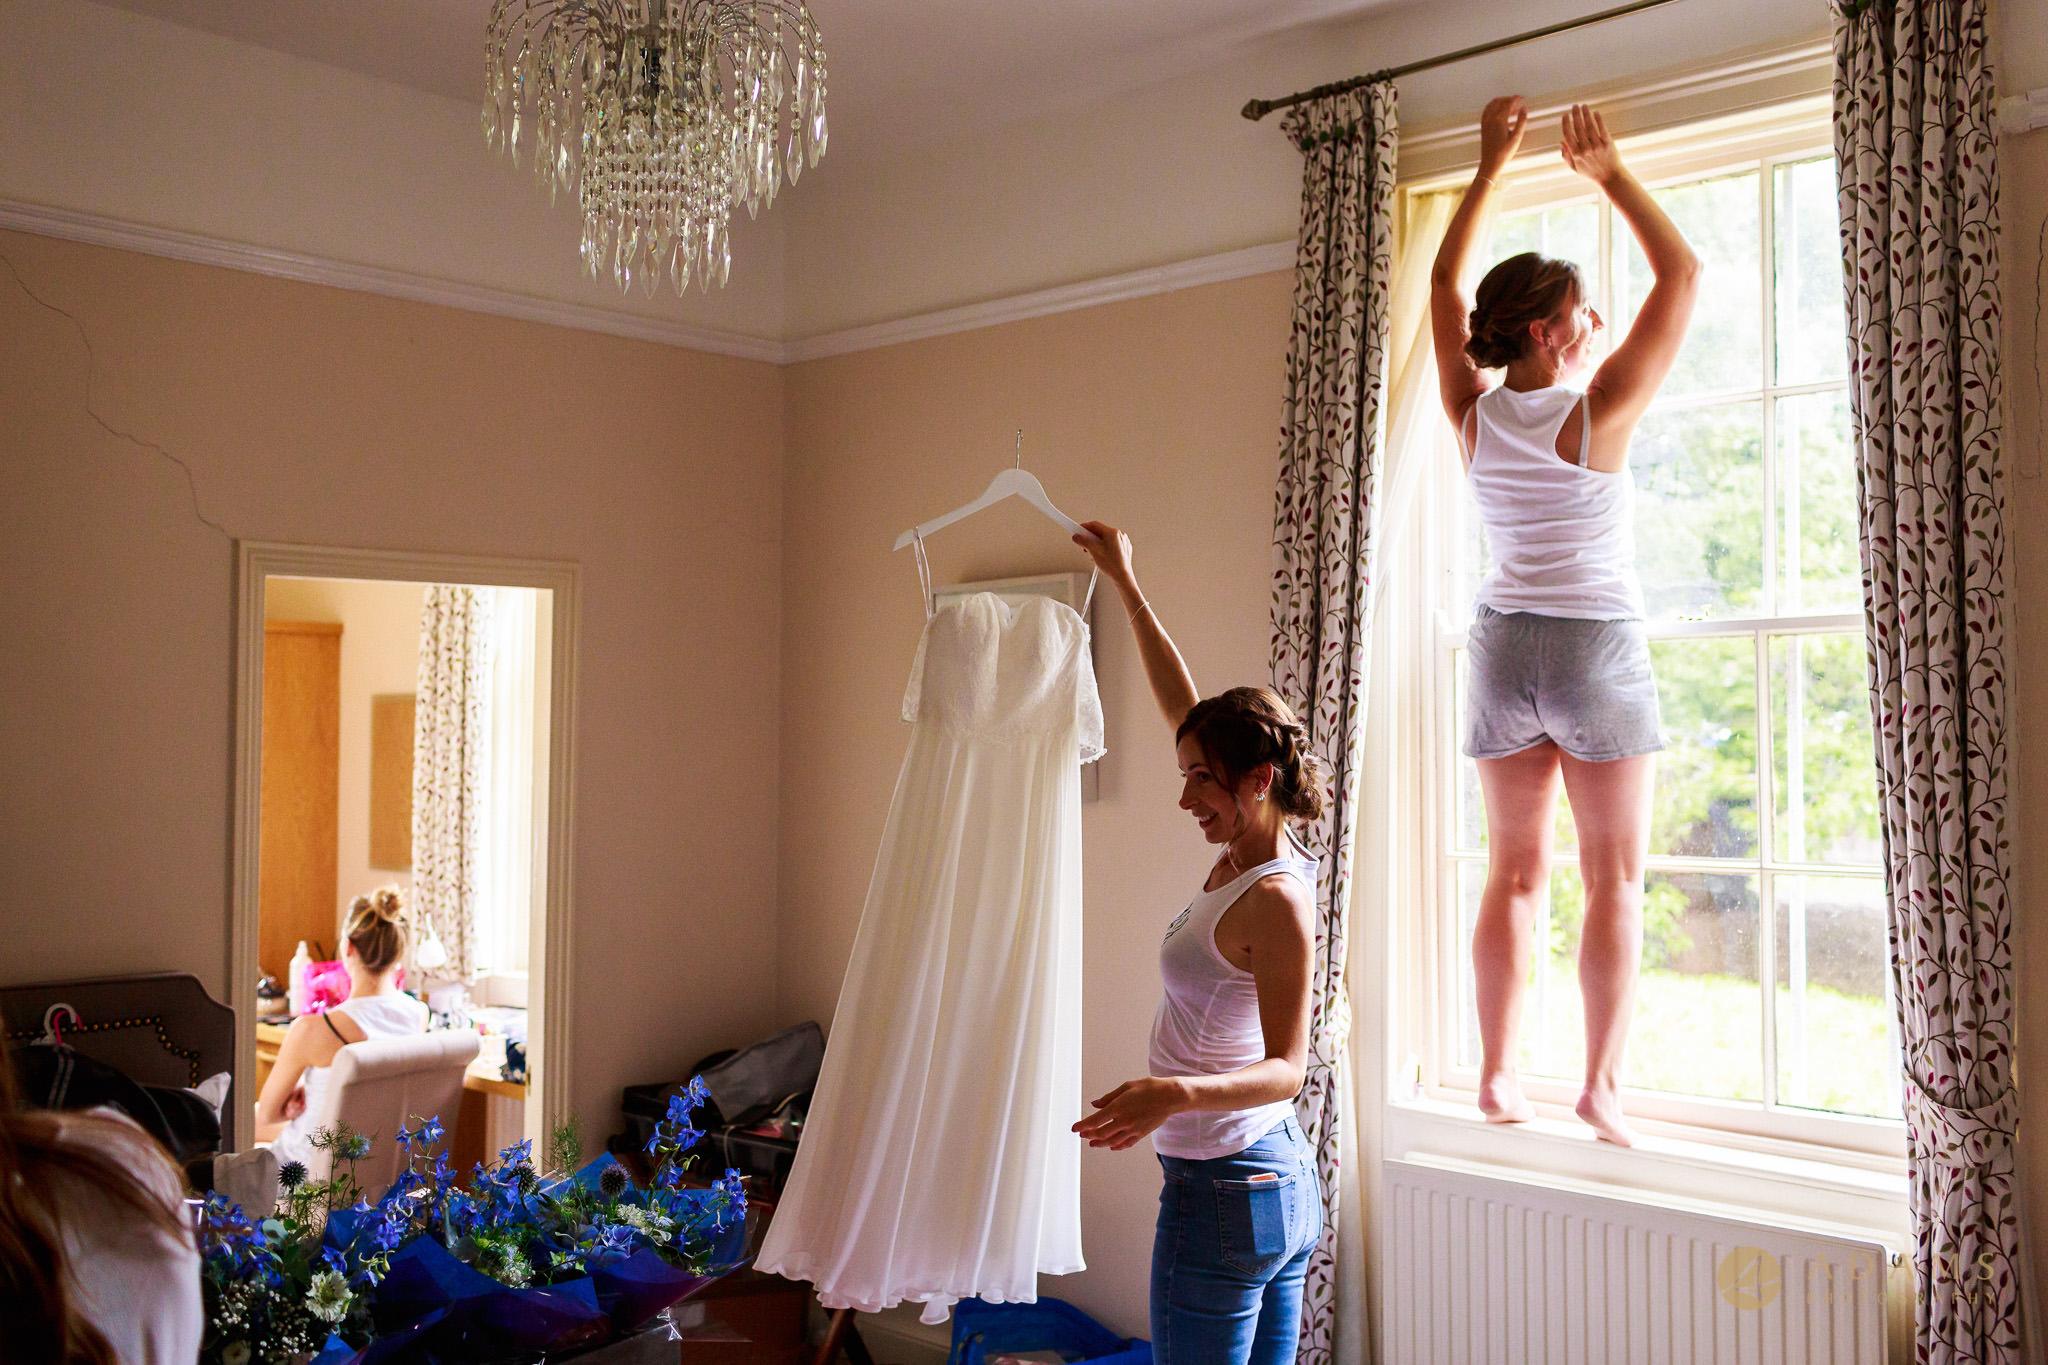 Wedding Photographer Cambridge bridesmaids hanging the dress